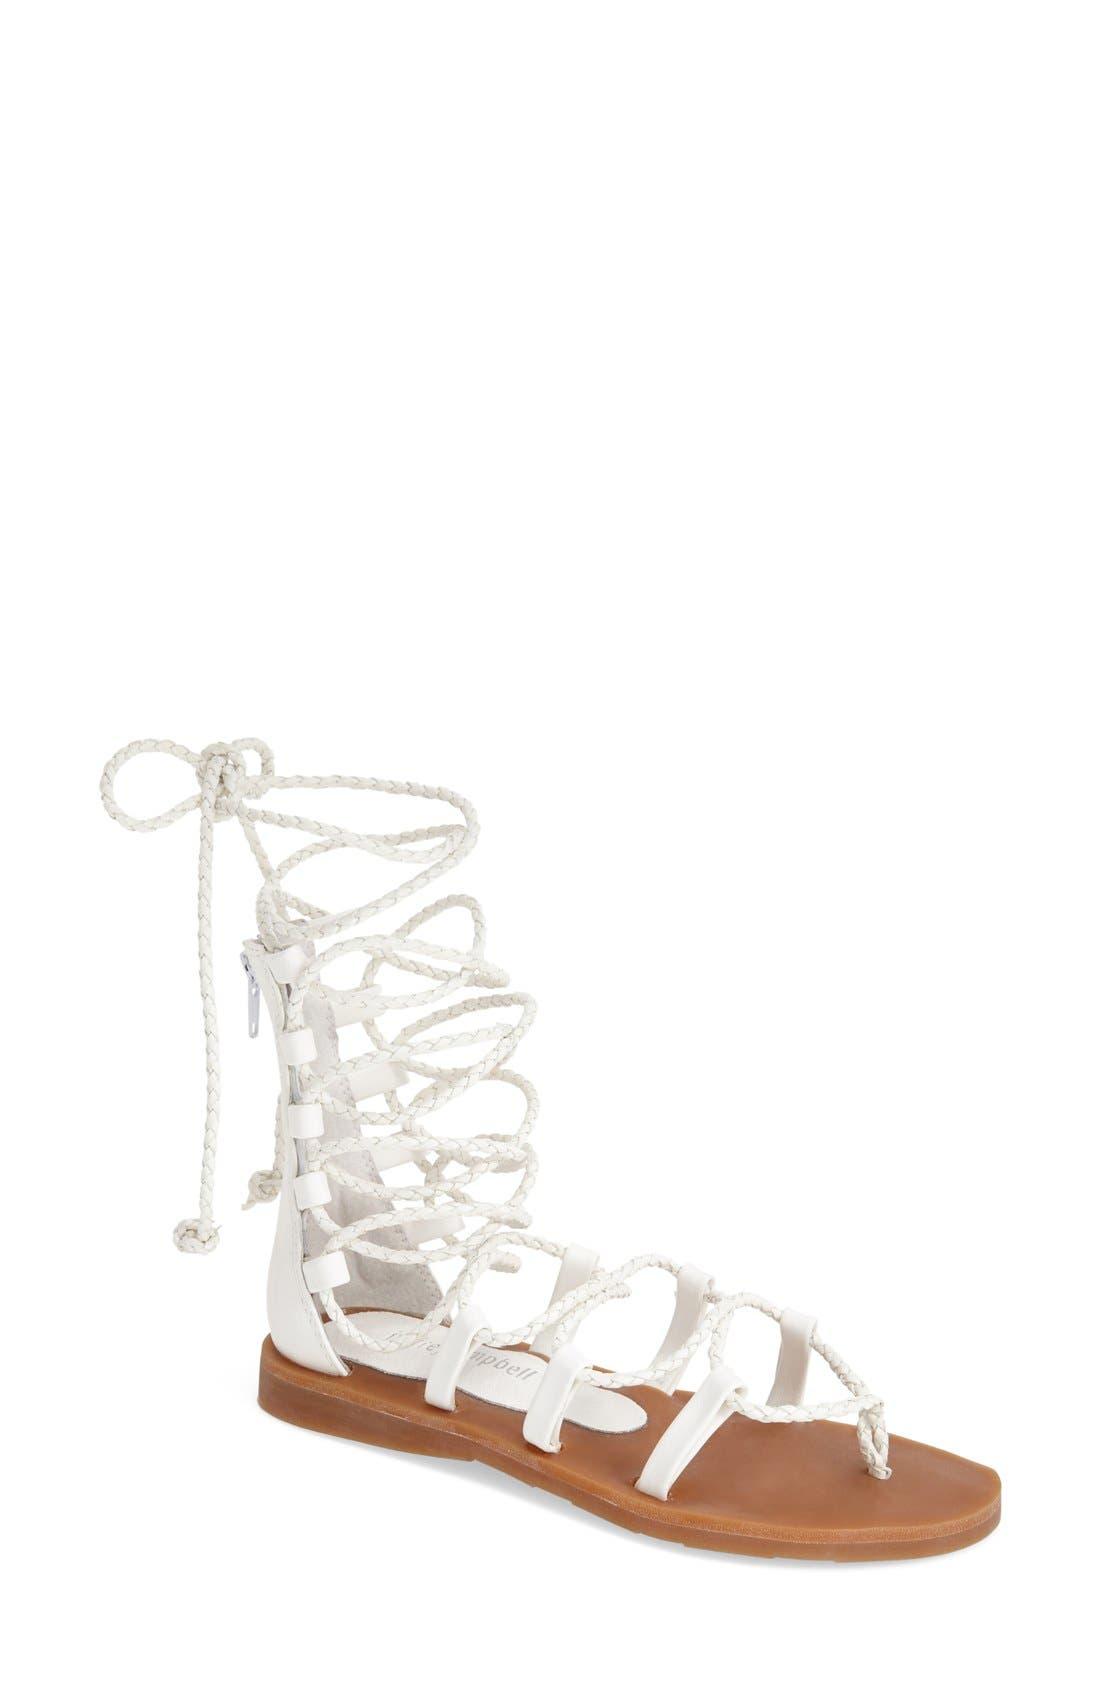 Main Image - Jeffrey Campbell 'Hola' Lace-Up Gladiator Sandal (Women)